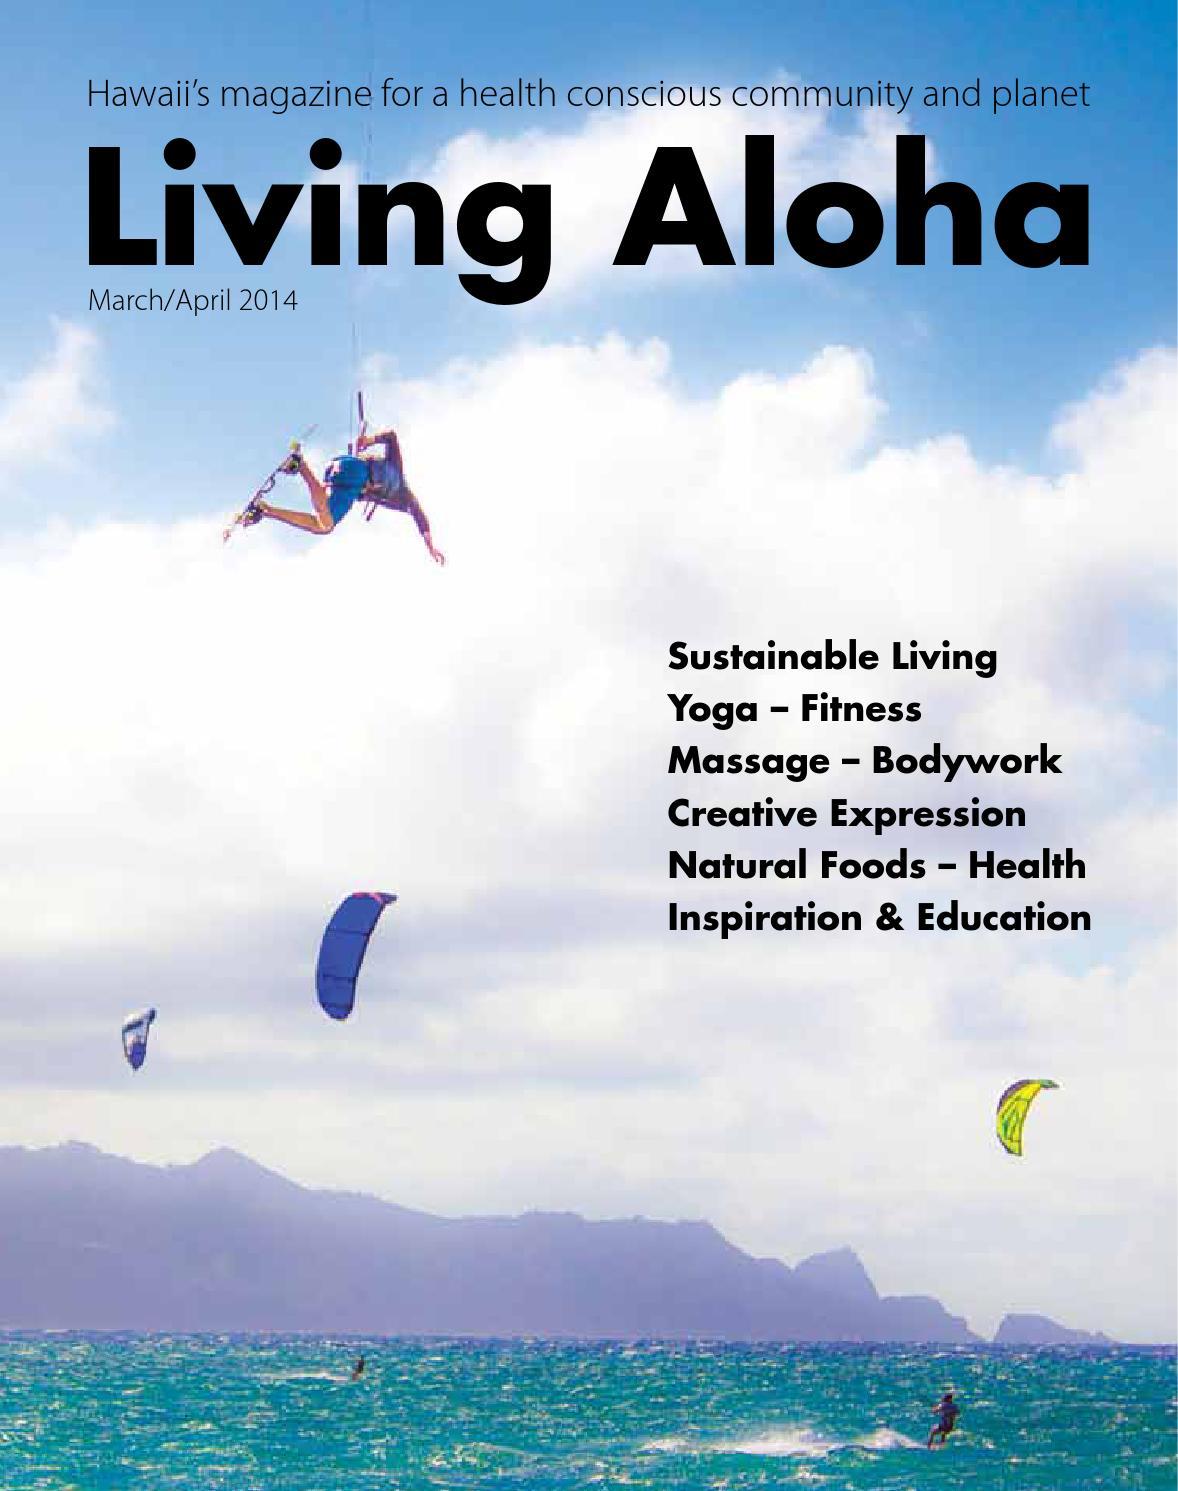 Living Aloha Magazine Maui Hi March April 2014 By Living Aloha Magazine Maui Hawaii Issuu